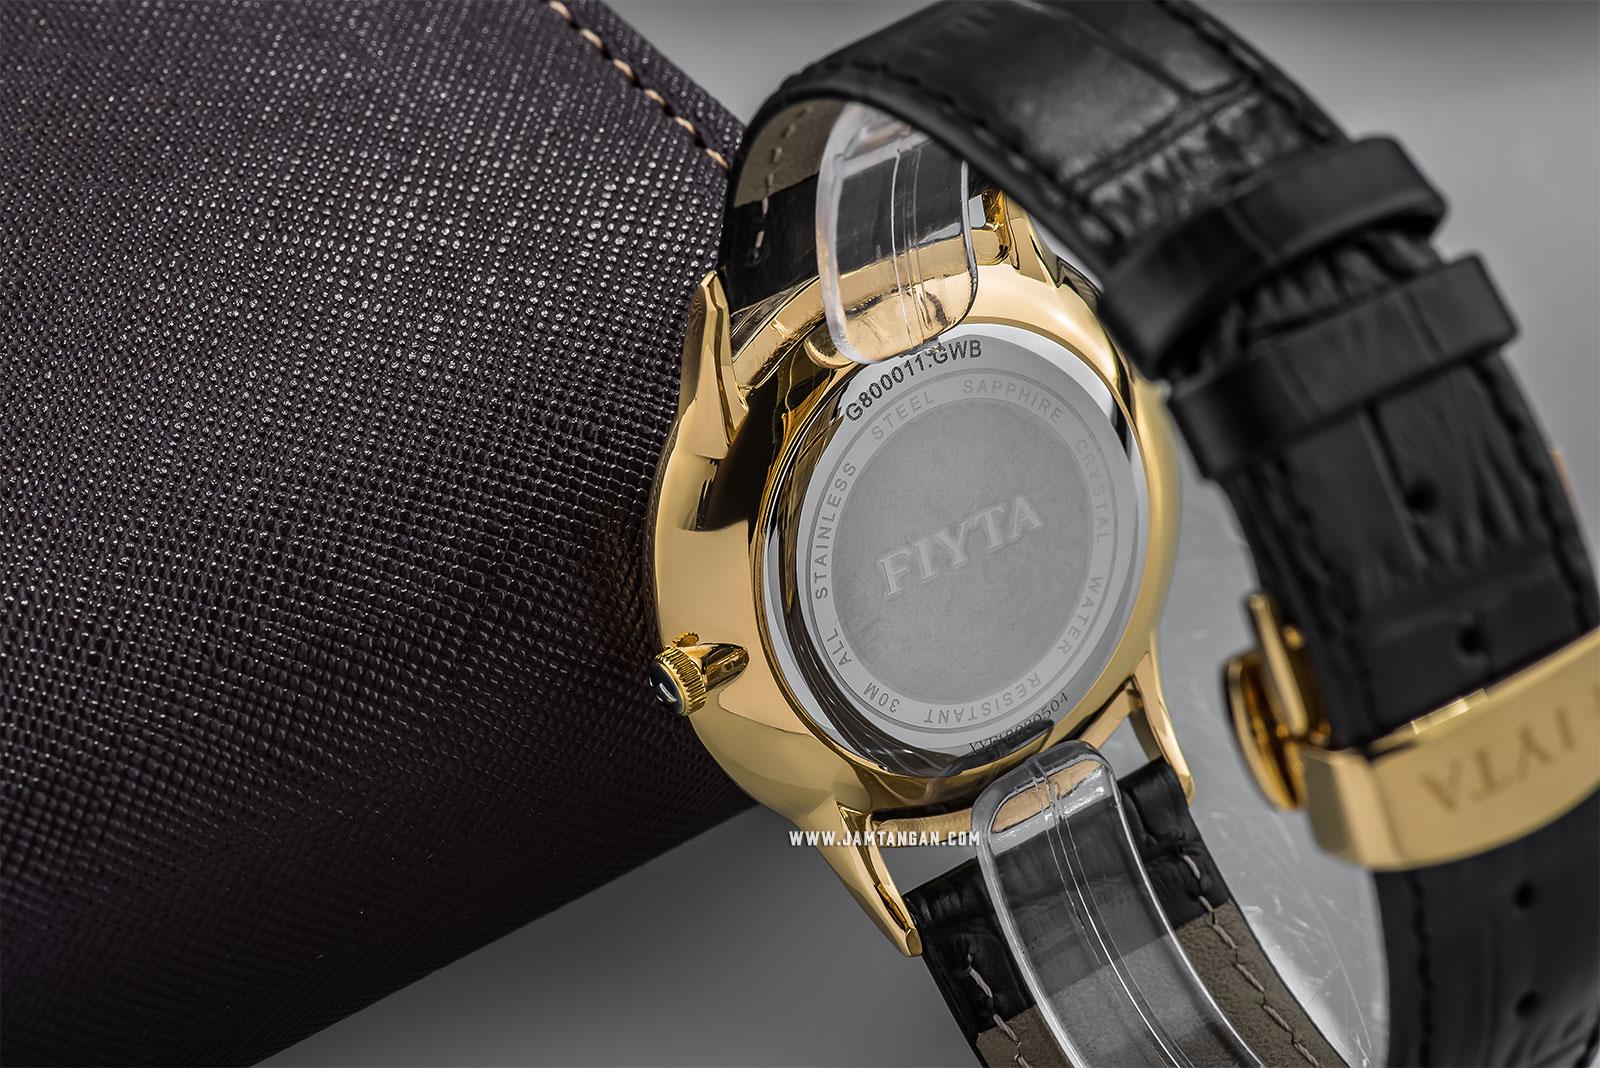 FIYTA G800011.GWB Joyart Roslice Man Crystal Silver Dial Black Leather Strap Machtwatch